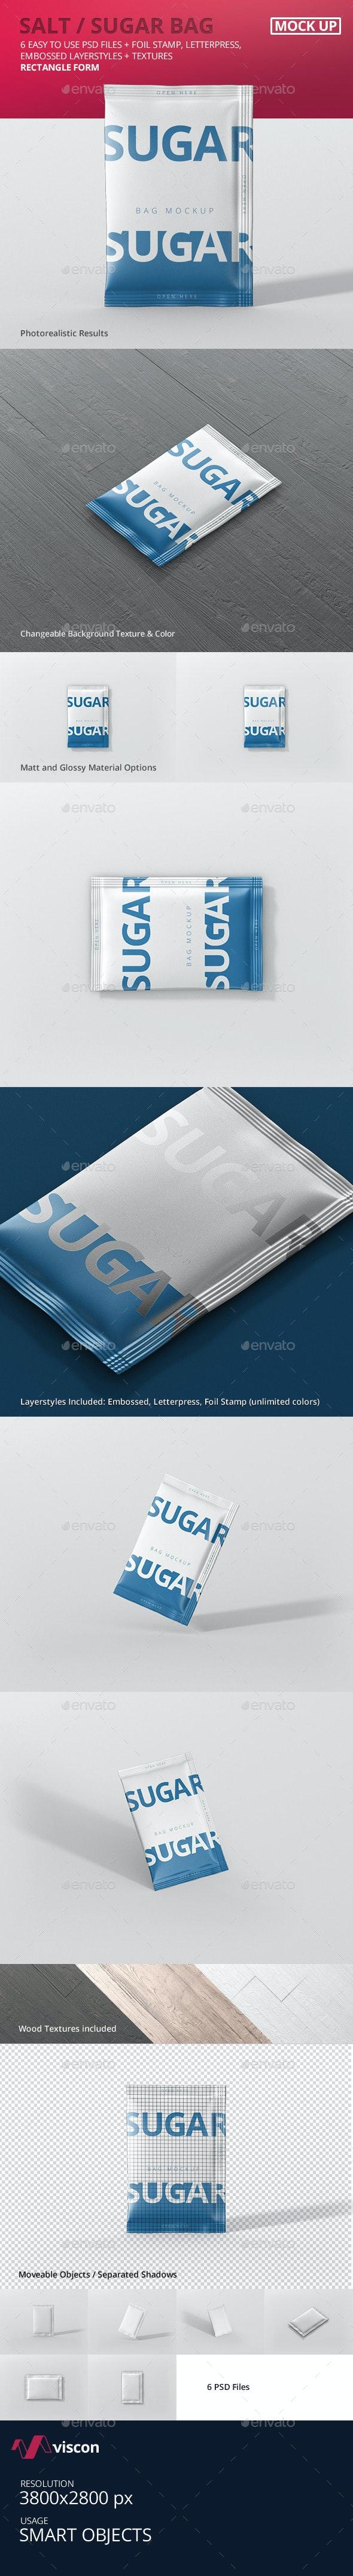 Salt / Sugar Bag Mockup - Rectangle - Food and Drink Packaging